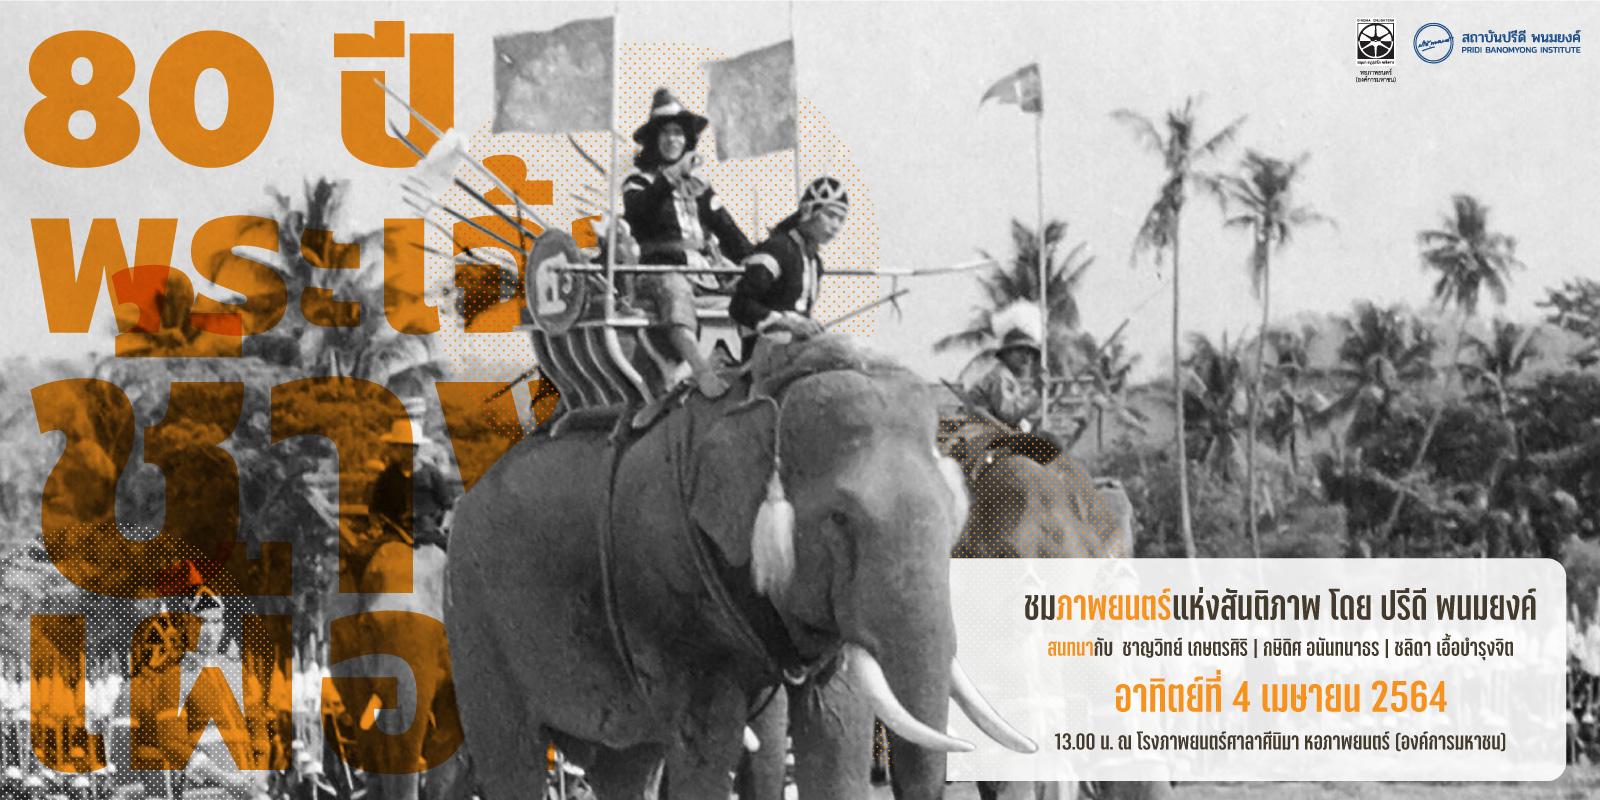 ภาพยนตร์สนทนา 80 ปี พระเจ้าช้างเผือก